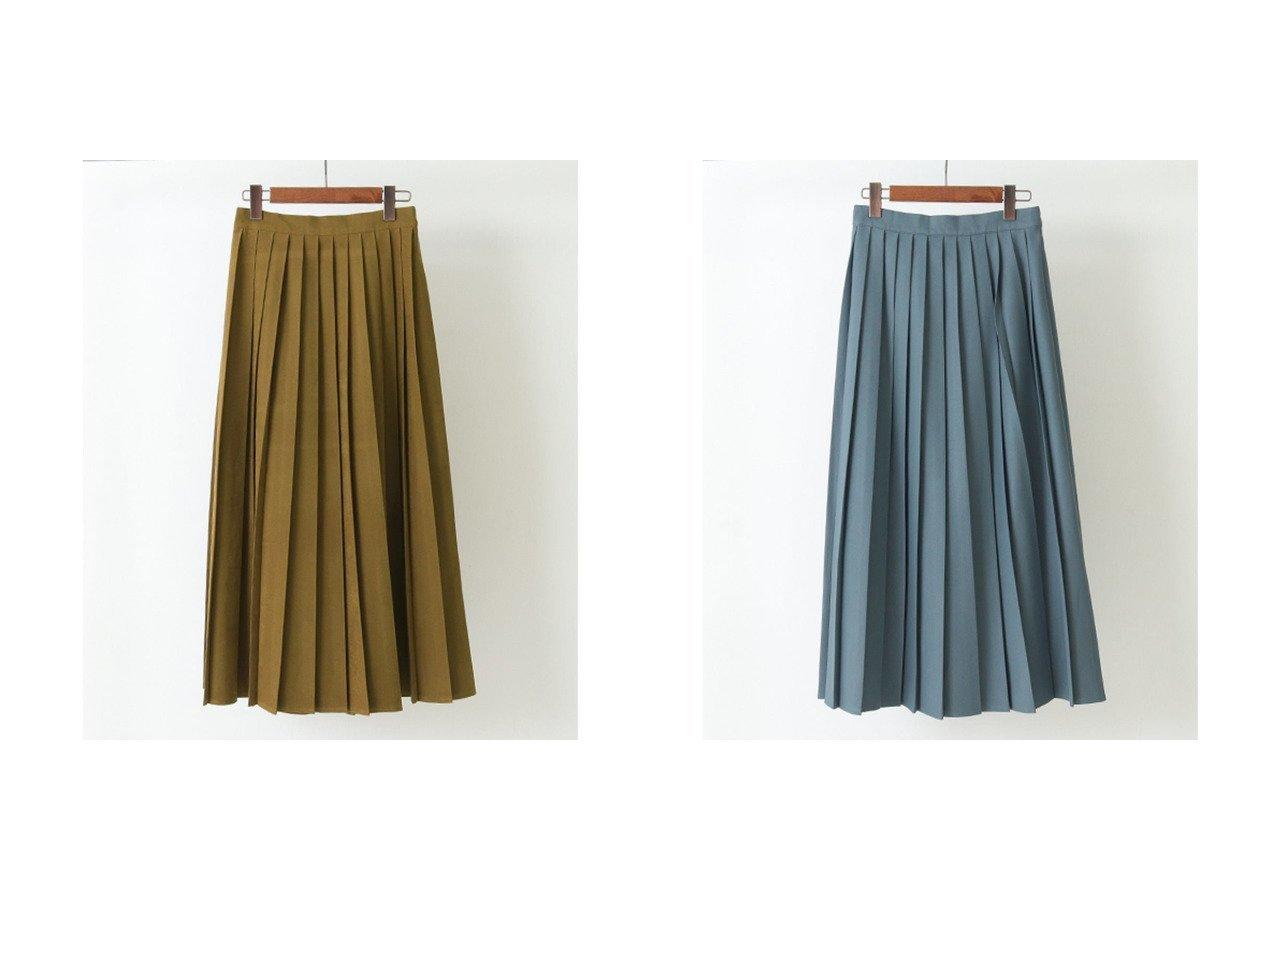 【Factor=/ファクターイコール】のFactor= プリーツスカート スカートのおすすめ!人気、レディースファッションの通販 おすすめで人気のファッション通販商品 インテリア・家具・キッズファッション・メンズファッション・レディースファッション・服の通販 founy(ファニー) https://founy.com/ ファッション Fashion レディース WOMEN スカート Skirt プリーツスカート Pleated Skirts シンプル スウェット ストレッチ スニーカー プリーツ メンズ  ID:crp329100000002707